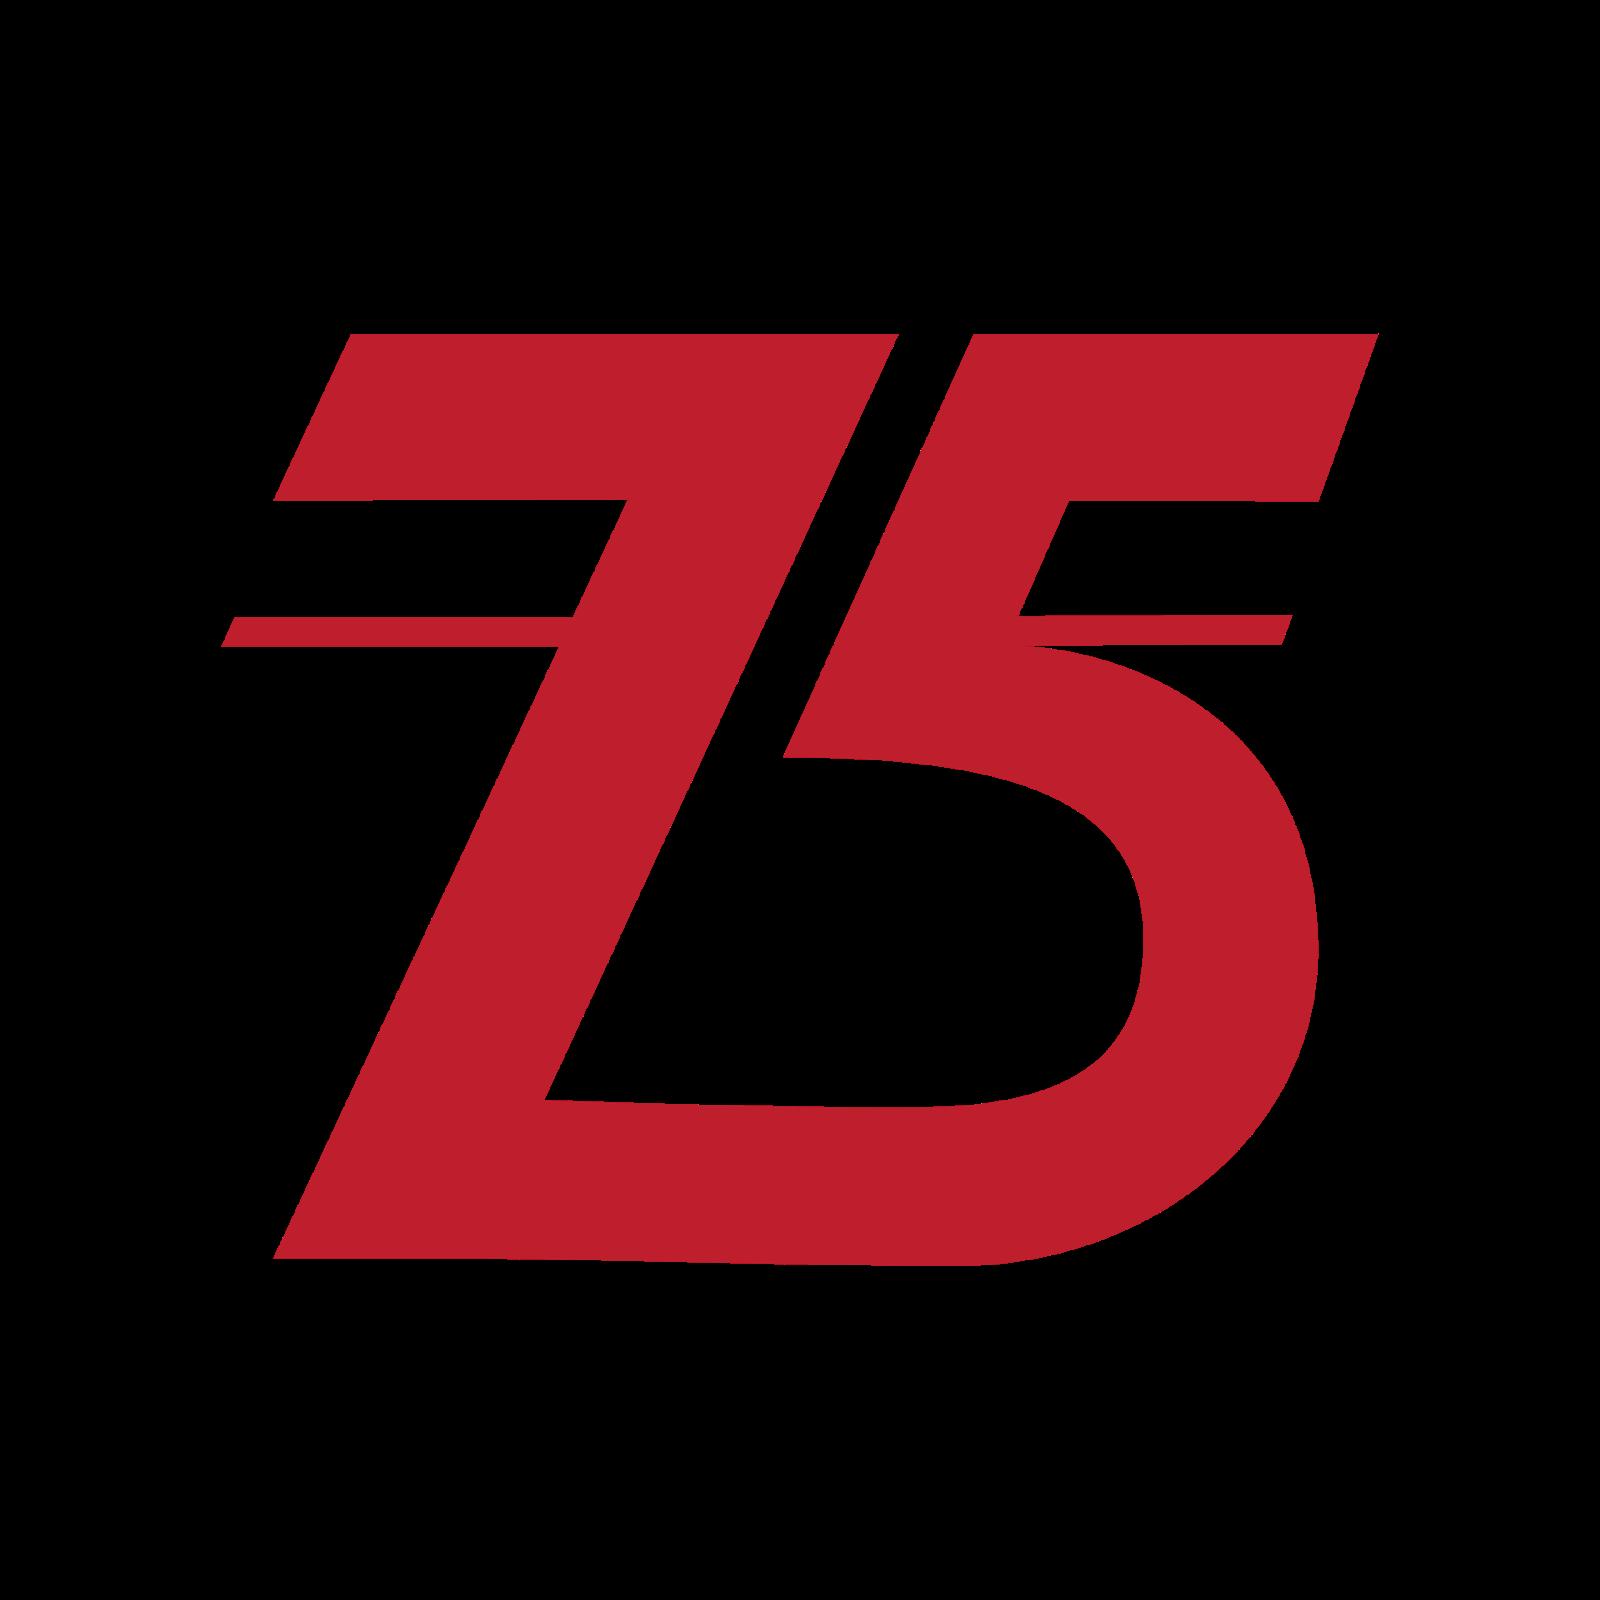 Kumpulan ide Logo HUT RI ke 75 tahun 2020 - Mas Vian